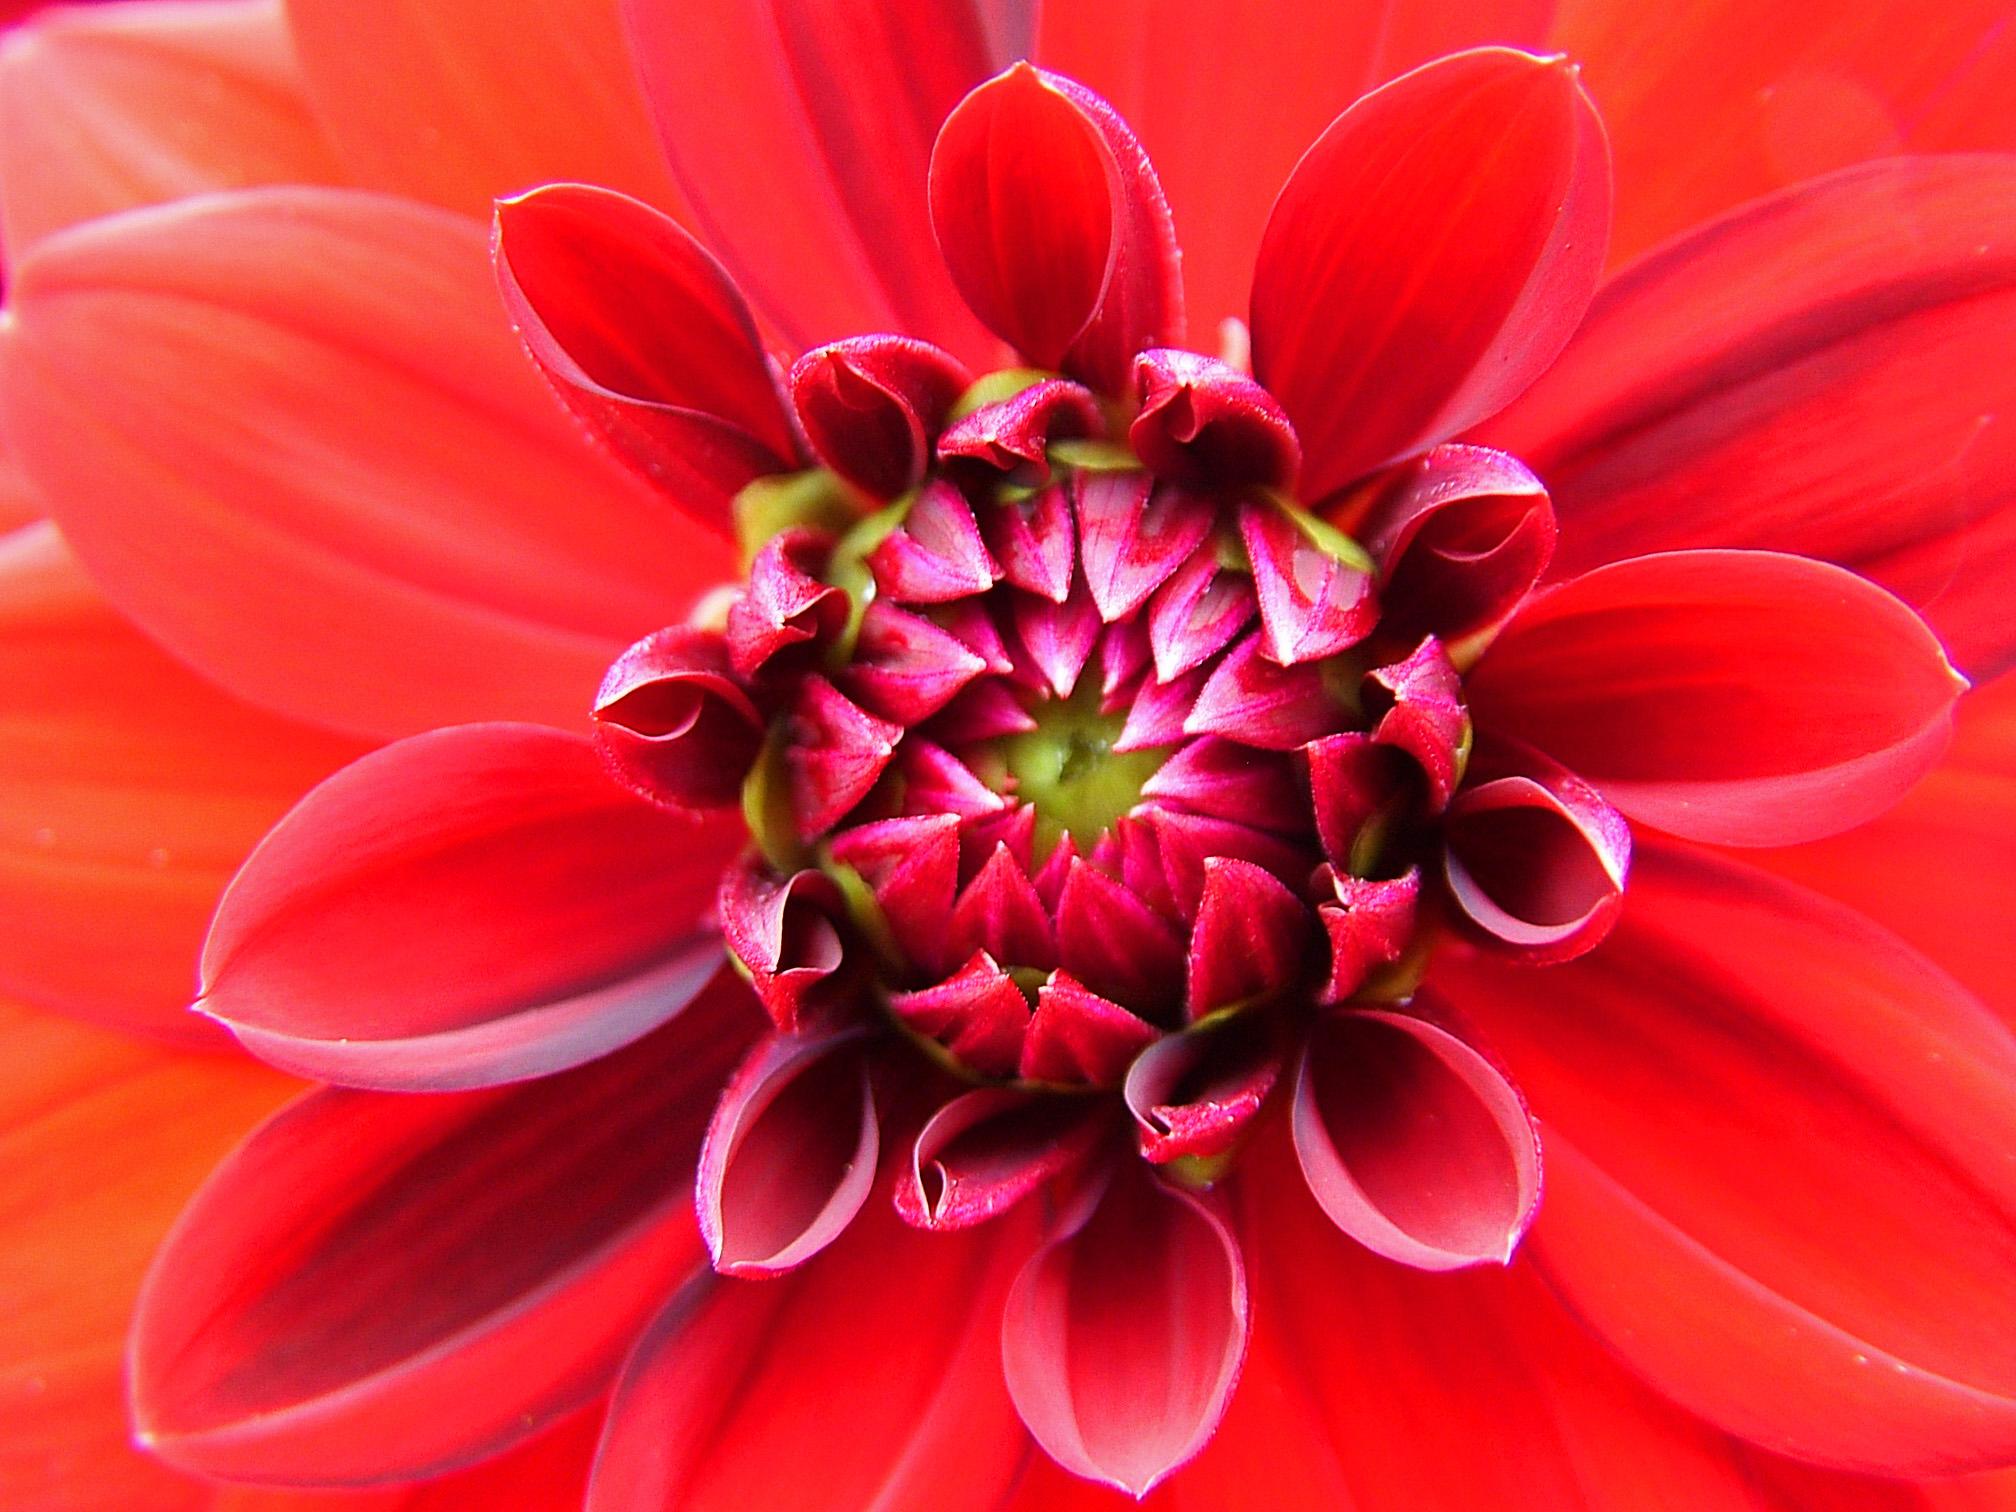 Chrysanthemum flower history